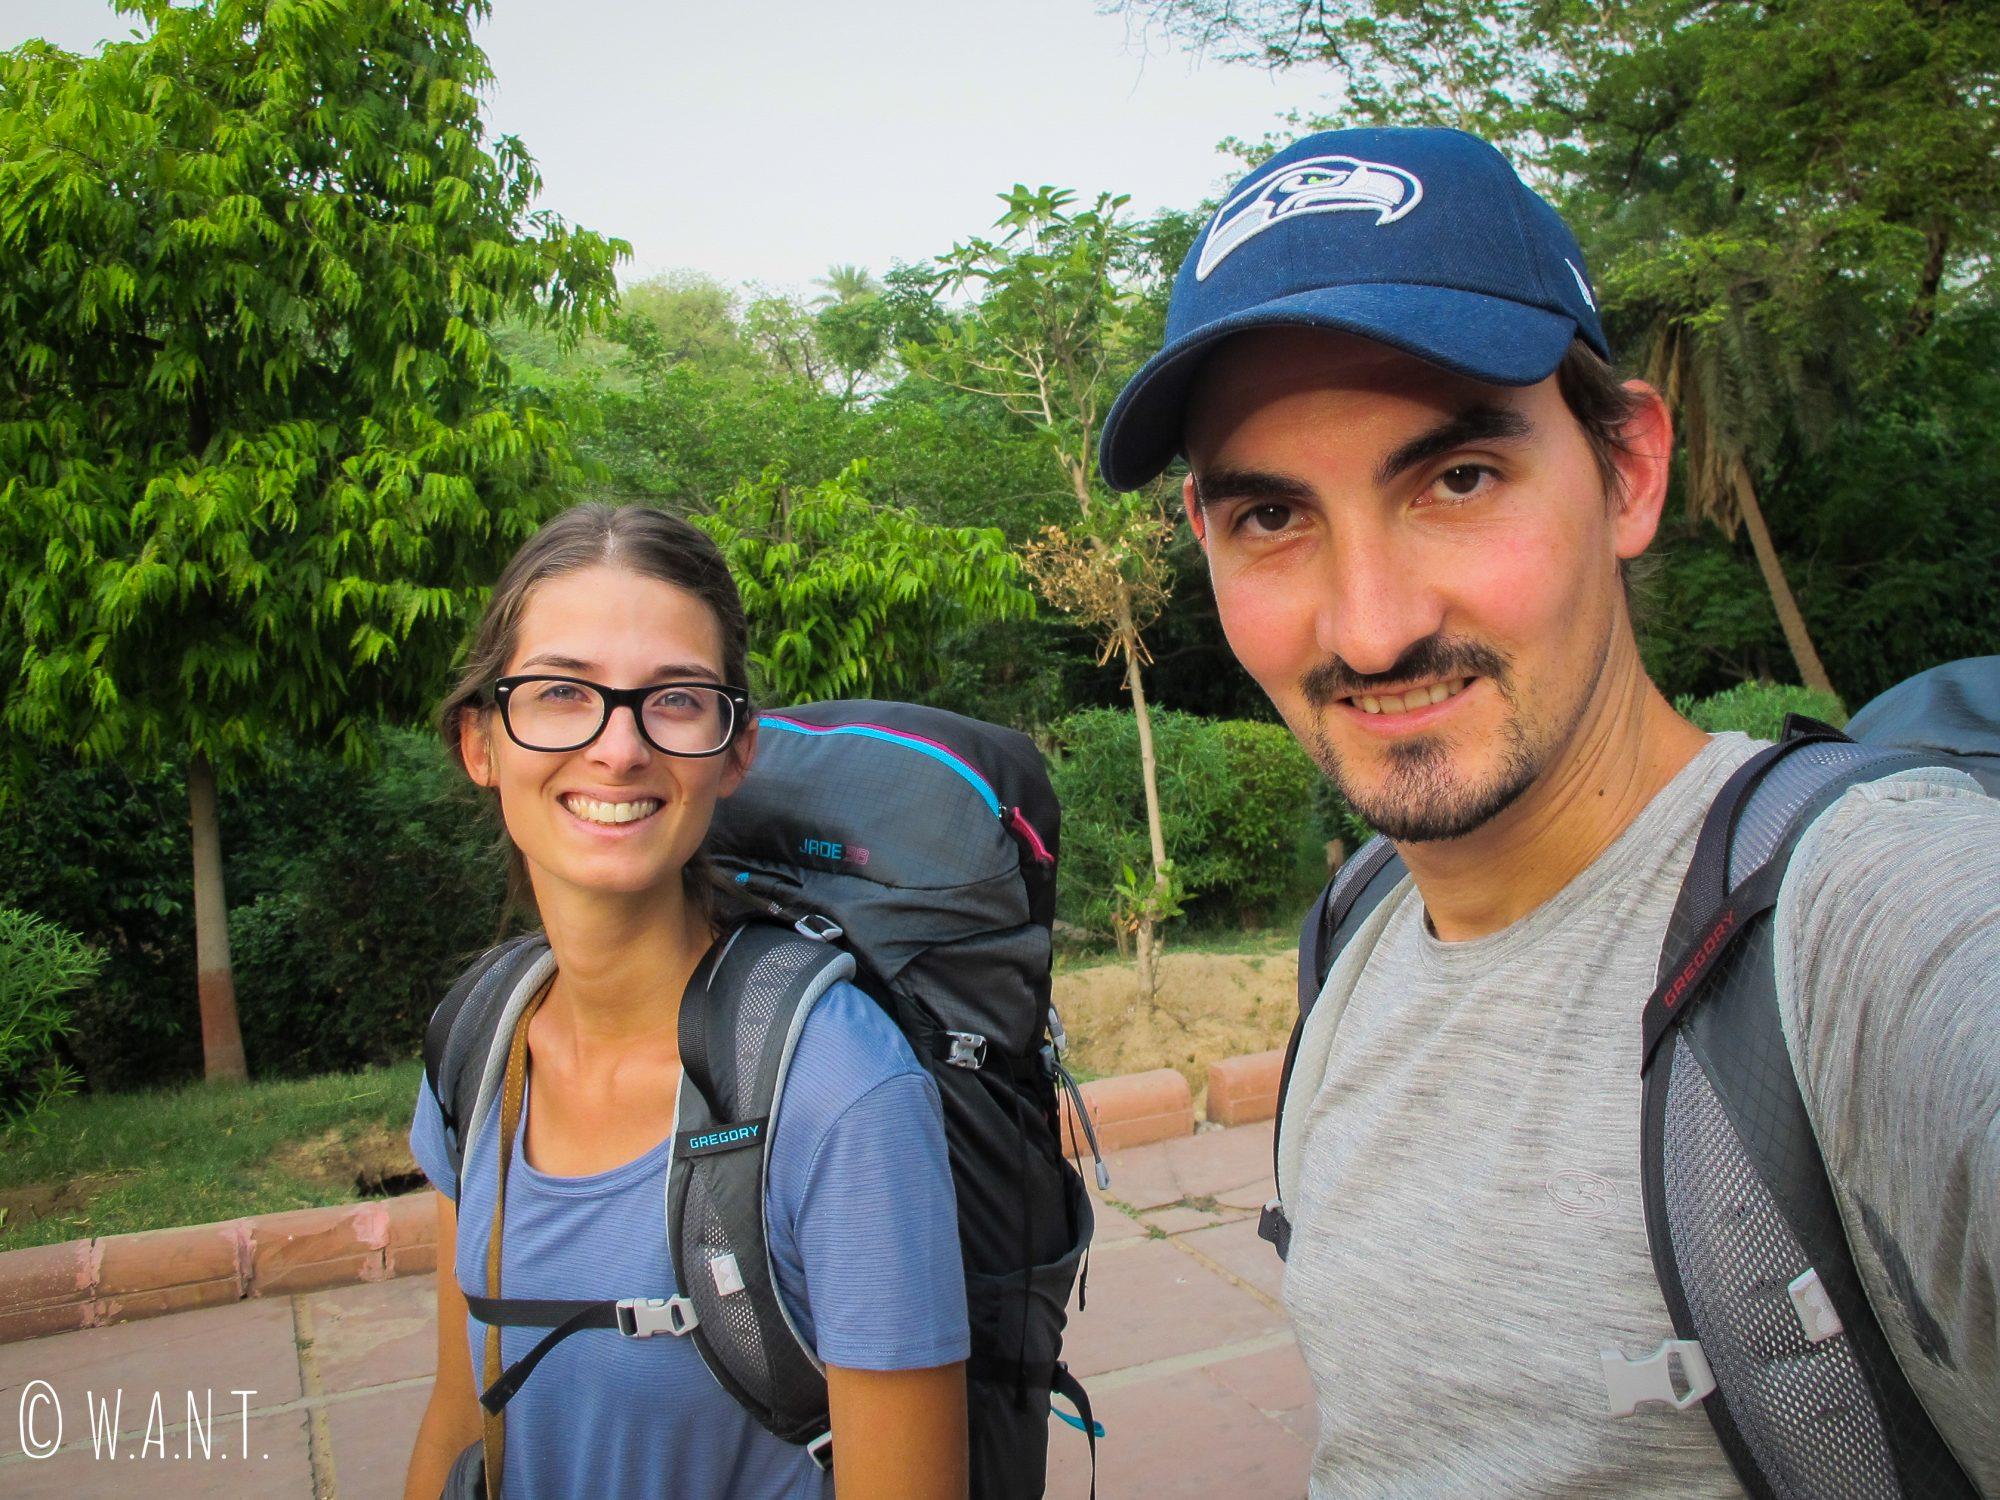 Sacs à dos sur le dos, en route pour la gare d'Agra Fort